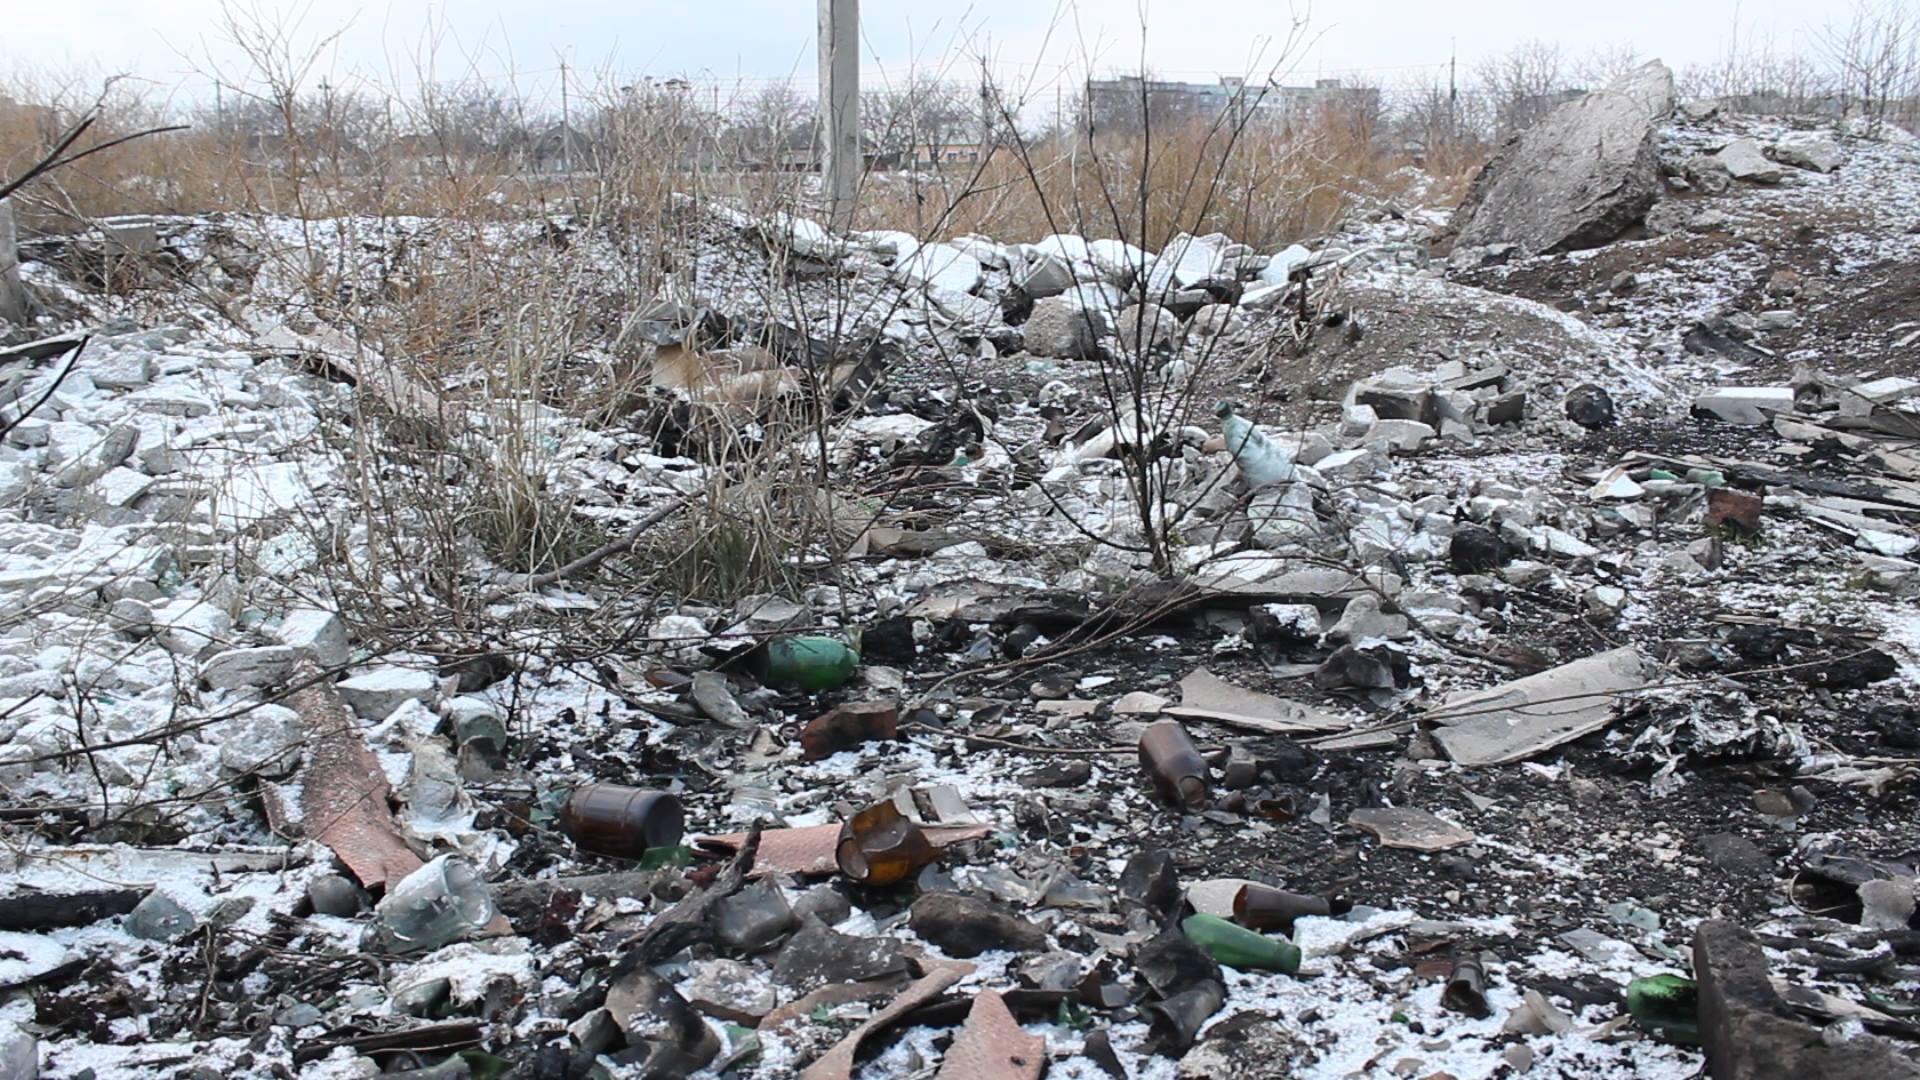 Ані рабів, ані землі: Як влада Маріуполя видала бійцям АТО ділянки на смітнику і в болоті - фото 7